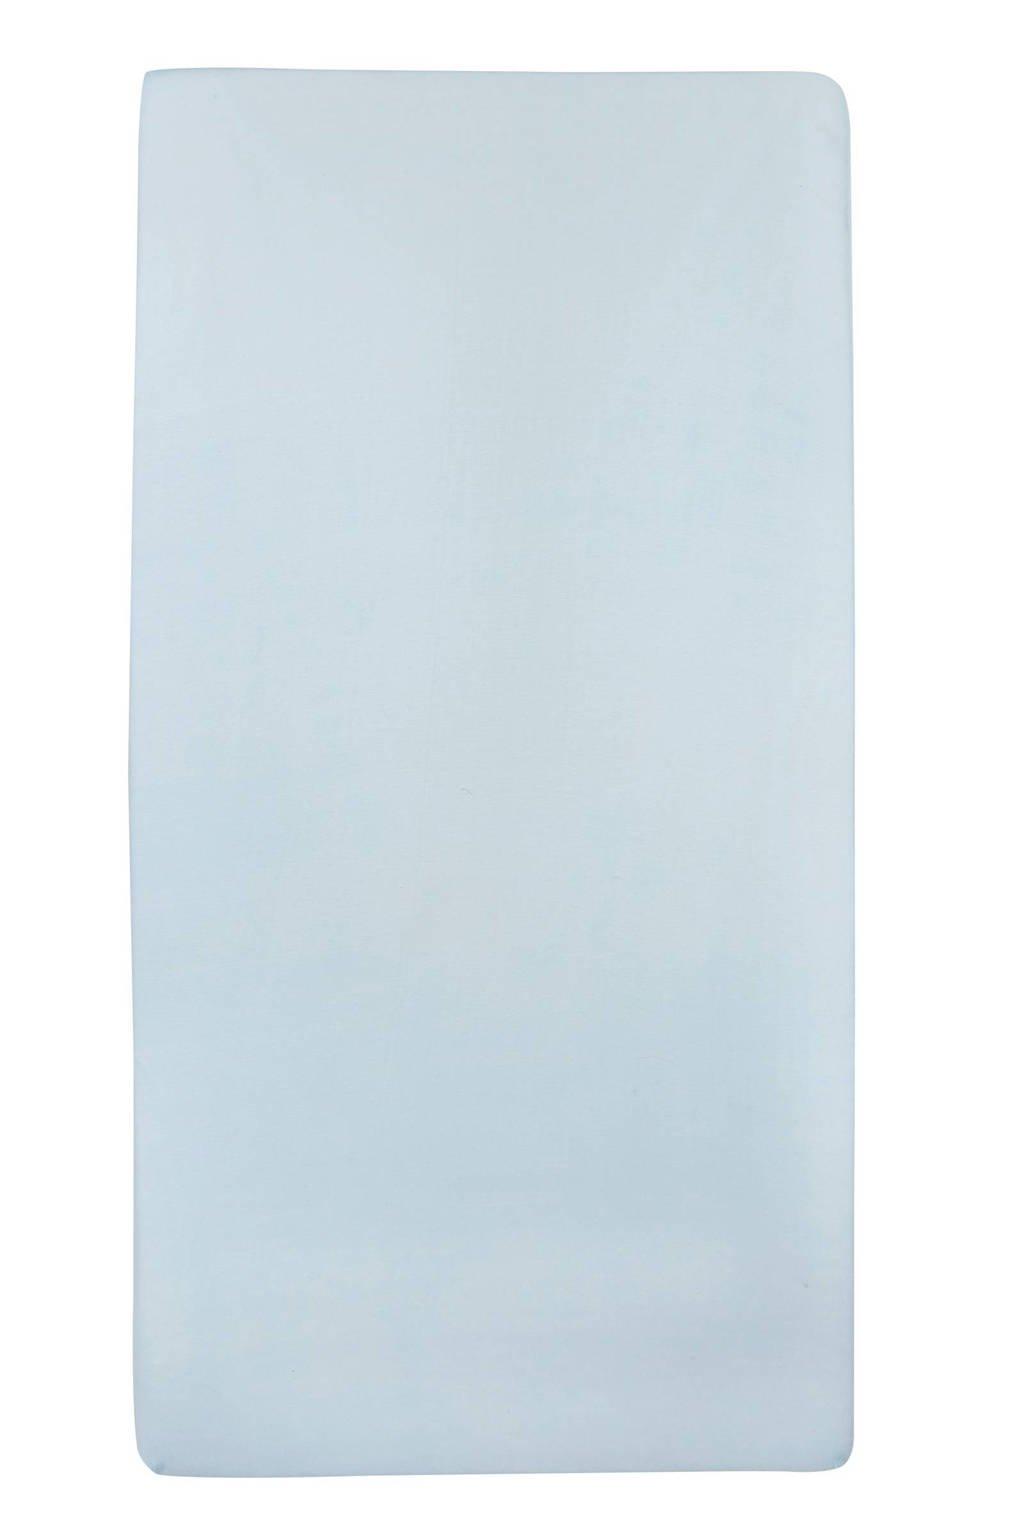 Meyco jersey hoeslaken peuterbed 70x140/150 cm Lichtblauw